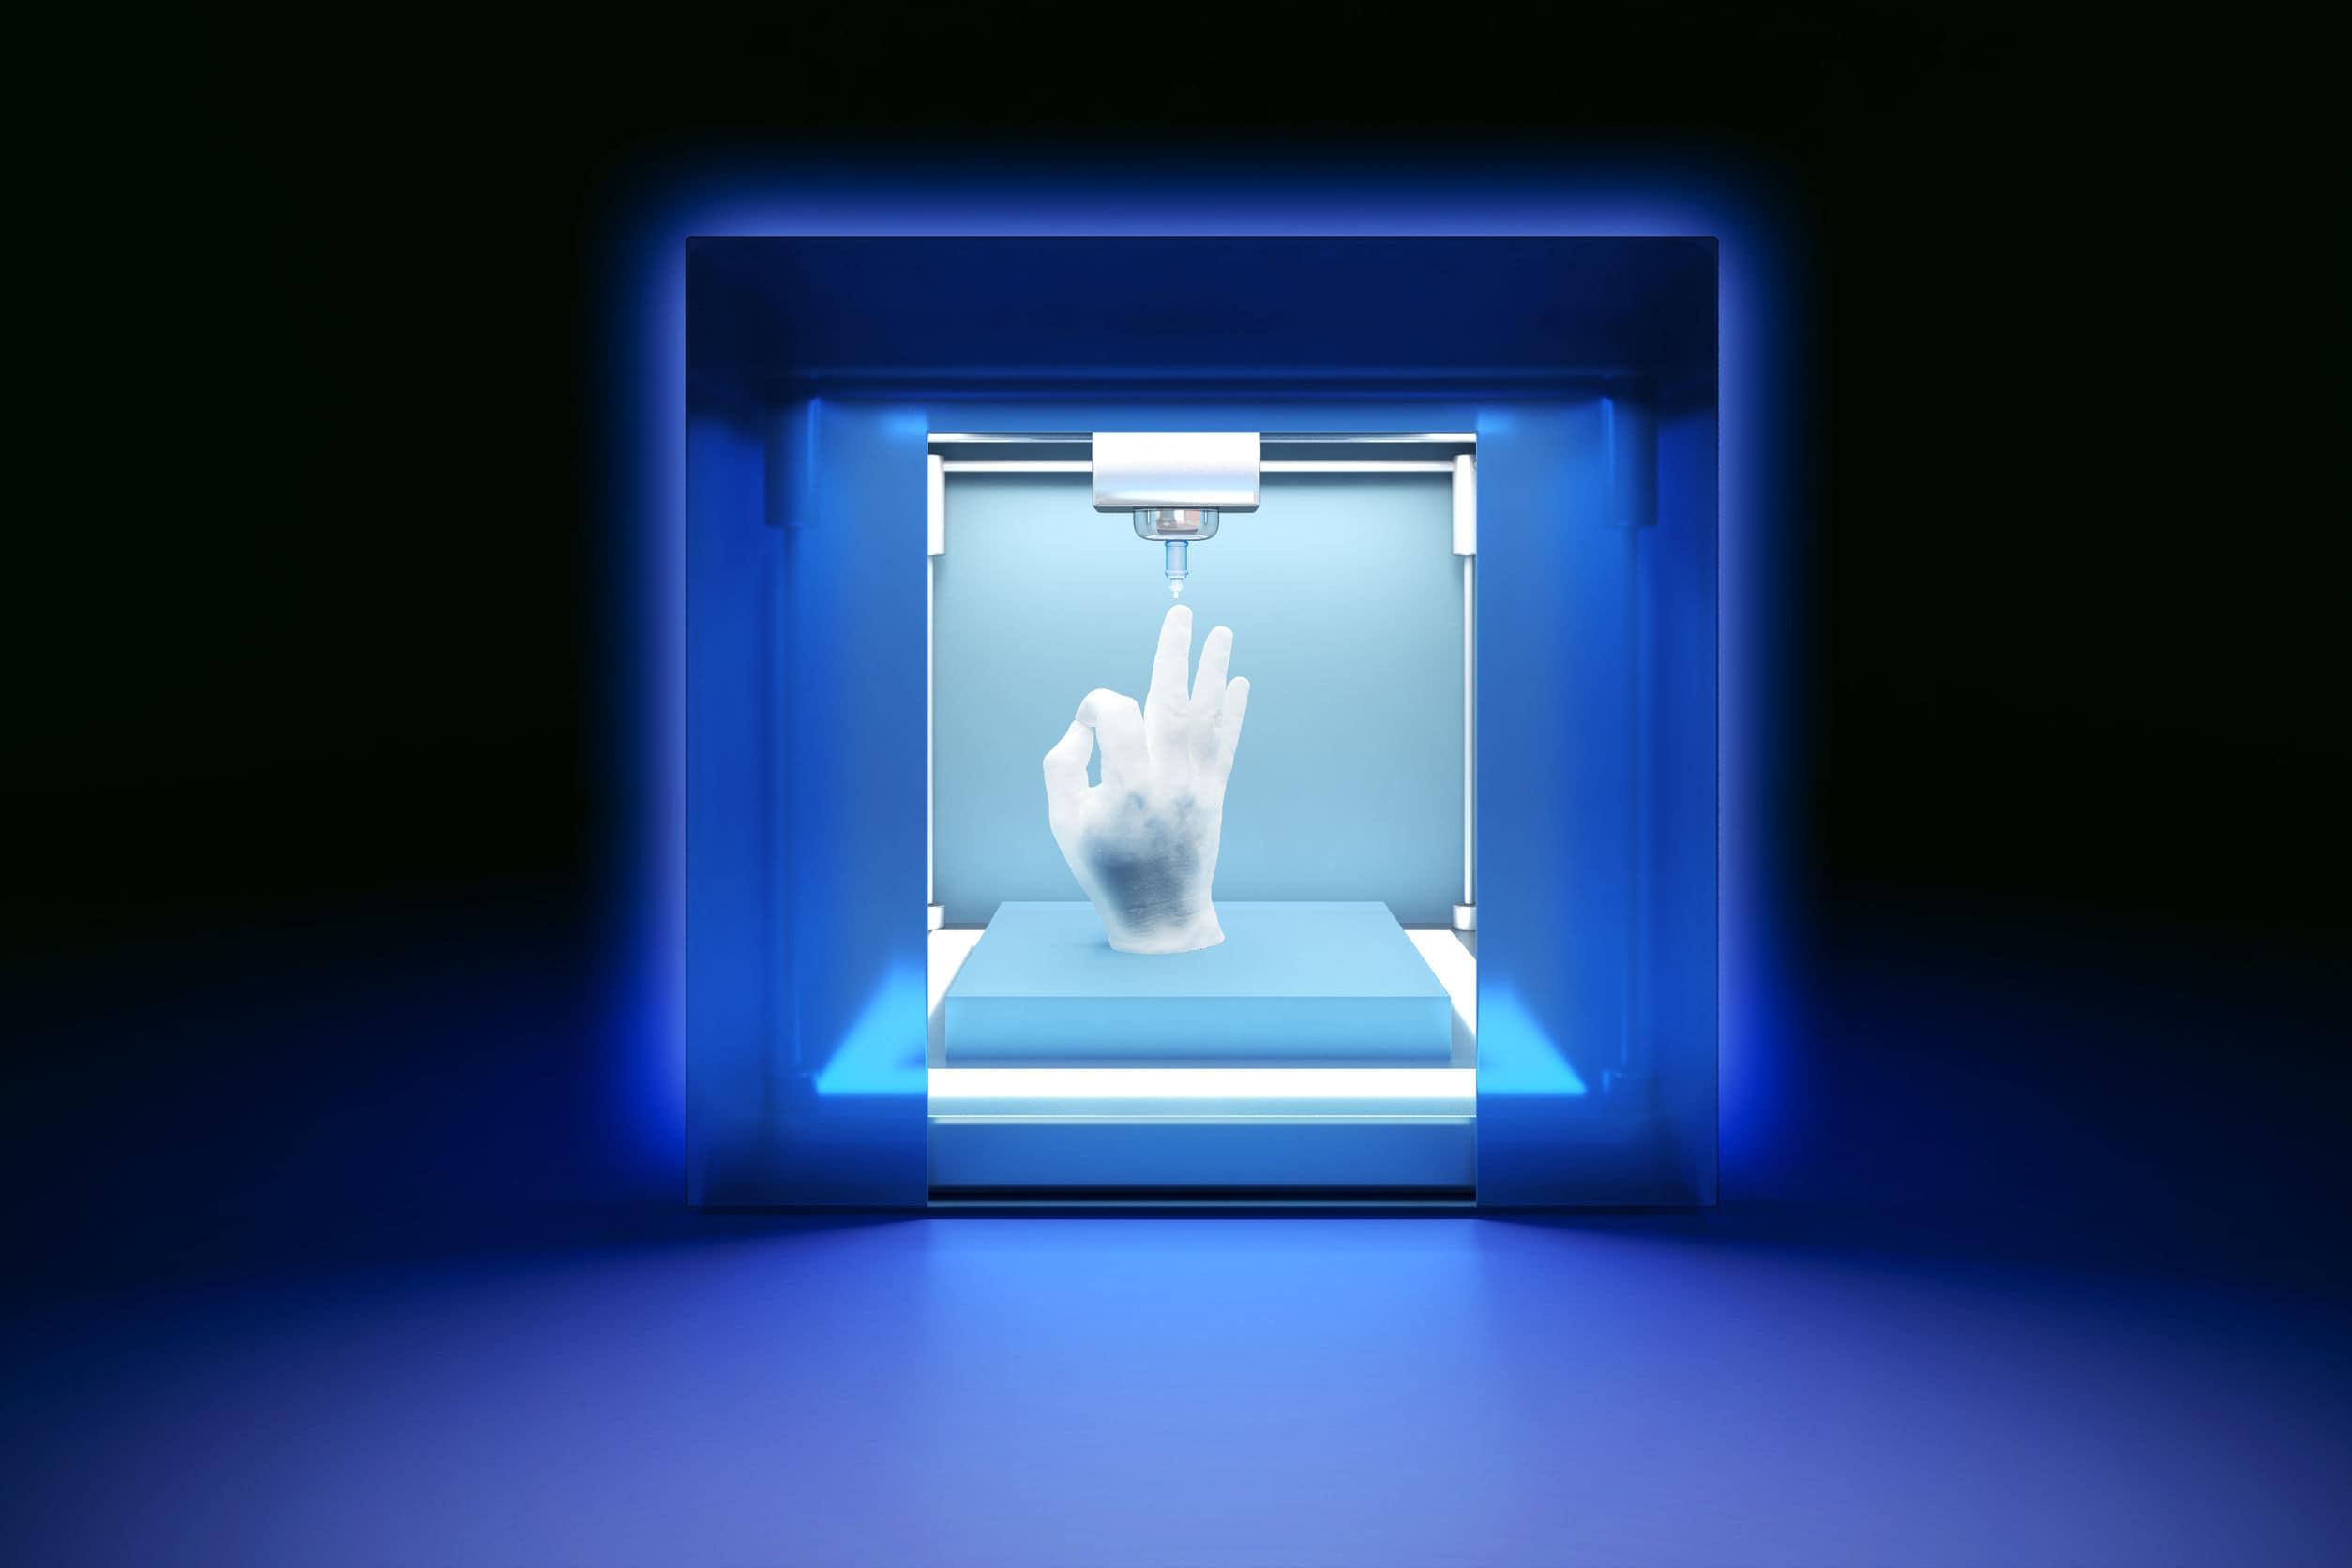 الطباعة ثلاثية الأبعاد بنكهة عربية